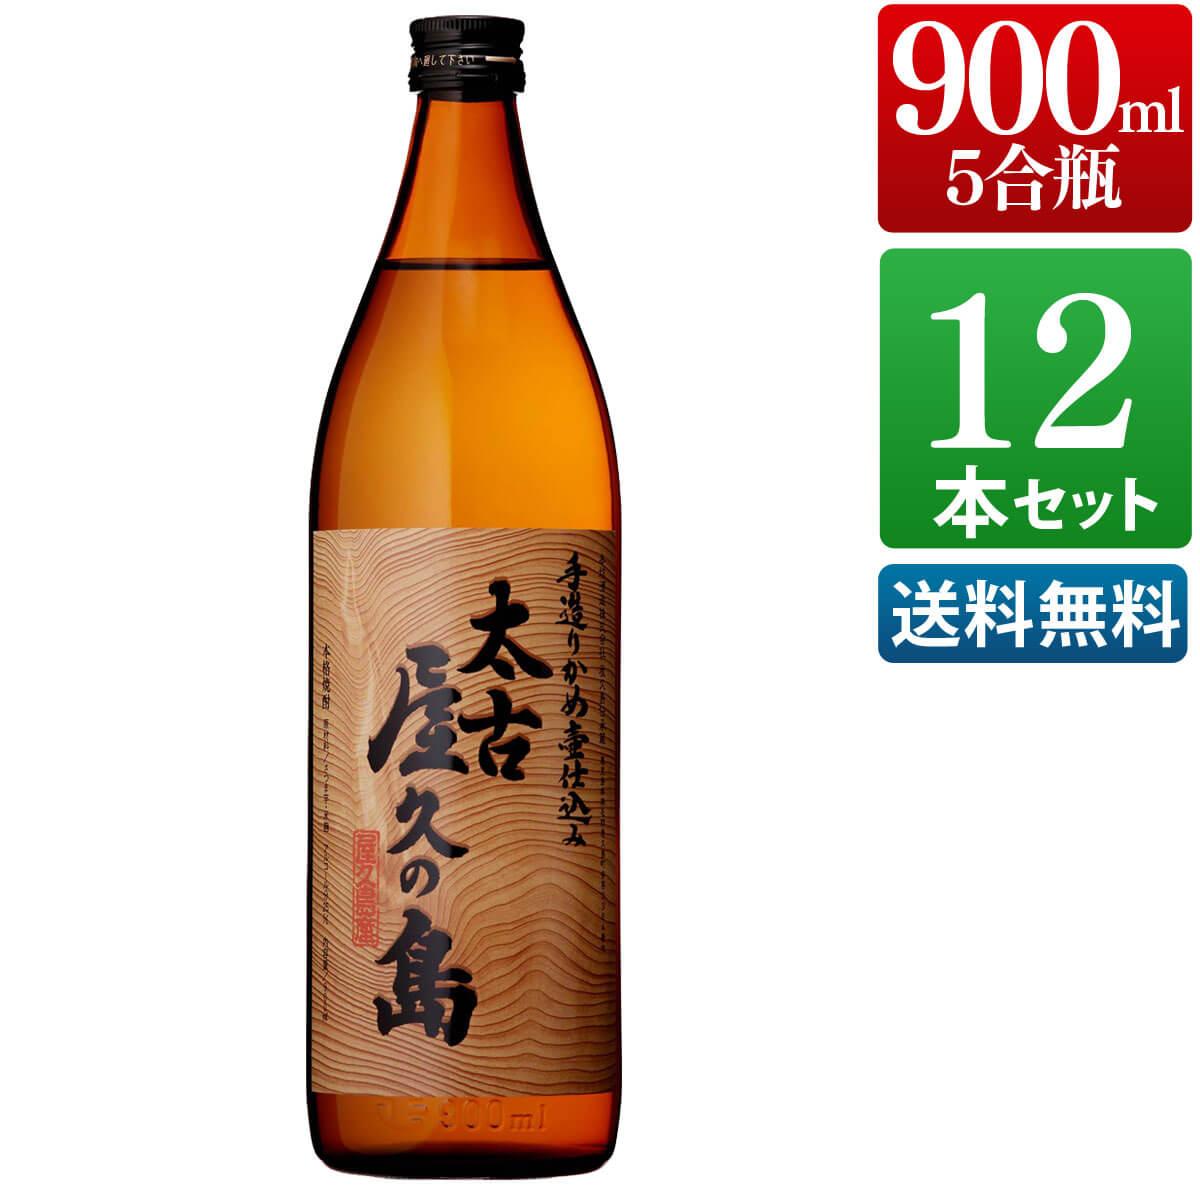 芋焼酎 12本セット 太古屋久の島 25度 900ml [ 本坊酒造 芋焼酎 / 送料無料 ] 【本坊酒造 公式通販】